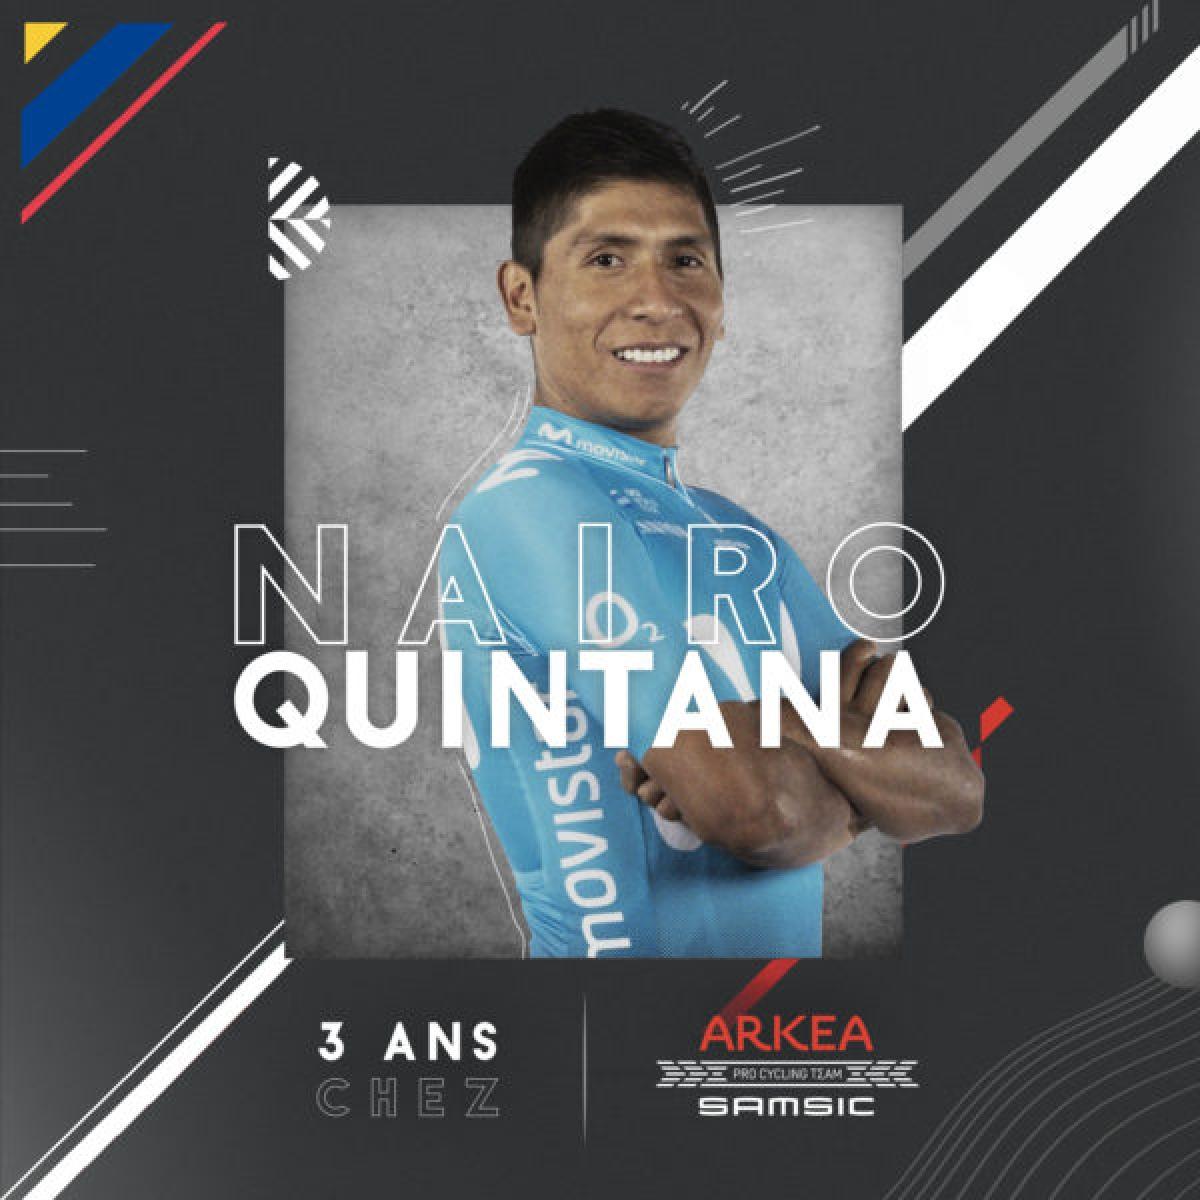 Наиро Кинтана покинул Movistar, за которую выступал 8 лет